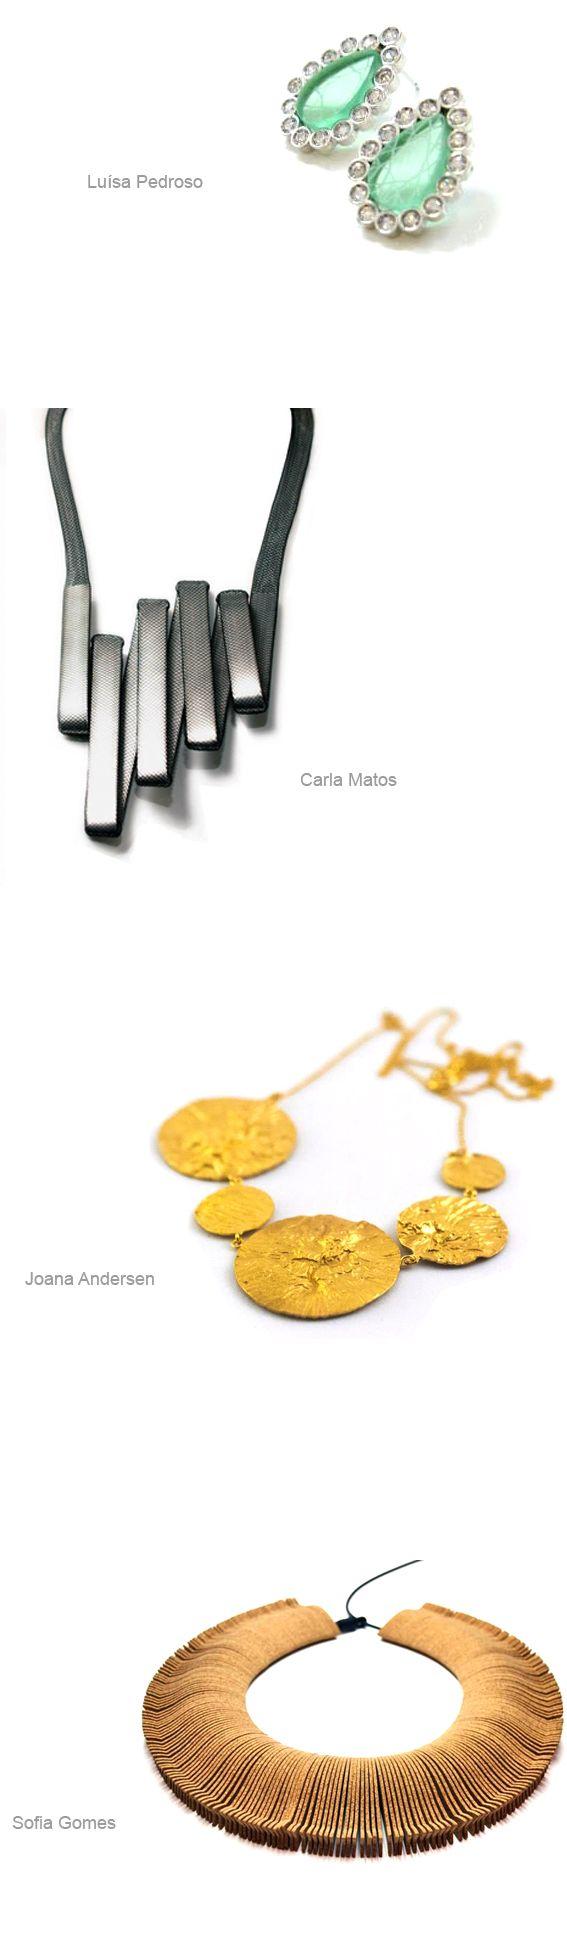 AORP – Portugal La Asociación de Joyería y Relojería de Portugal, estará representada en Joya Barcelona 2013 por Joana Andersen, Sofia Gomes, Luísa Pedroso y Carla Matos.